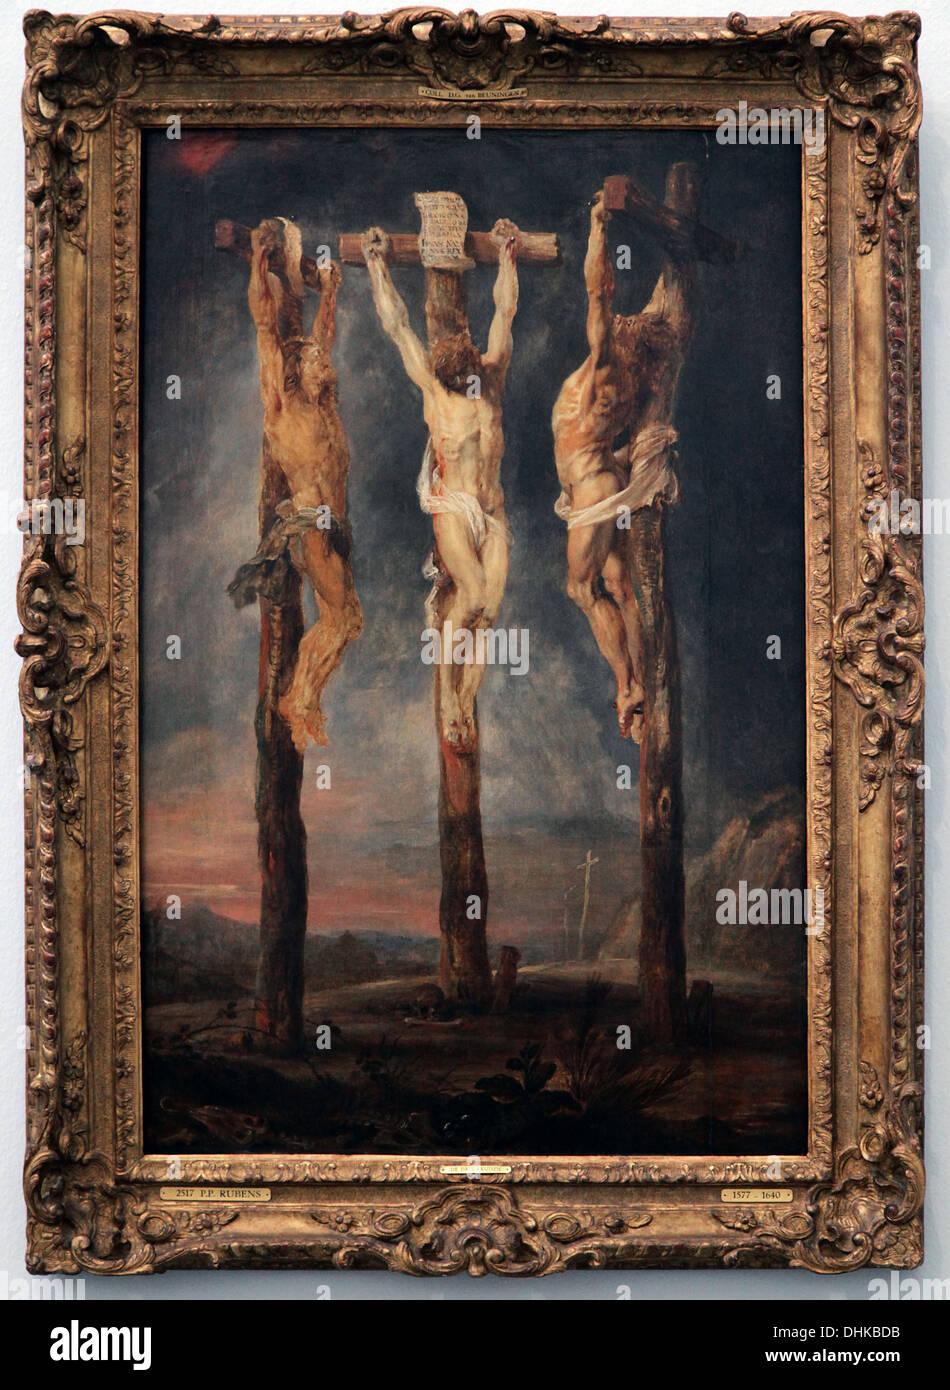 Peter Paul Rubens.The drei Crosses.1620. Stockbild